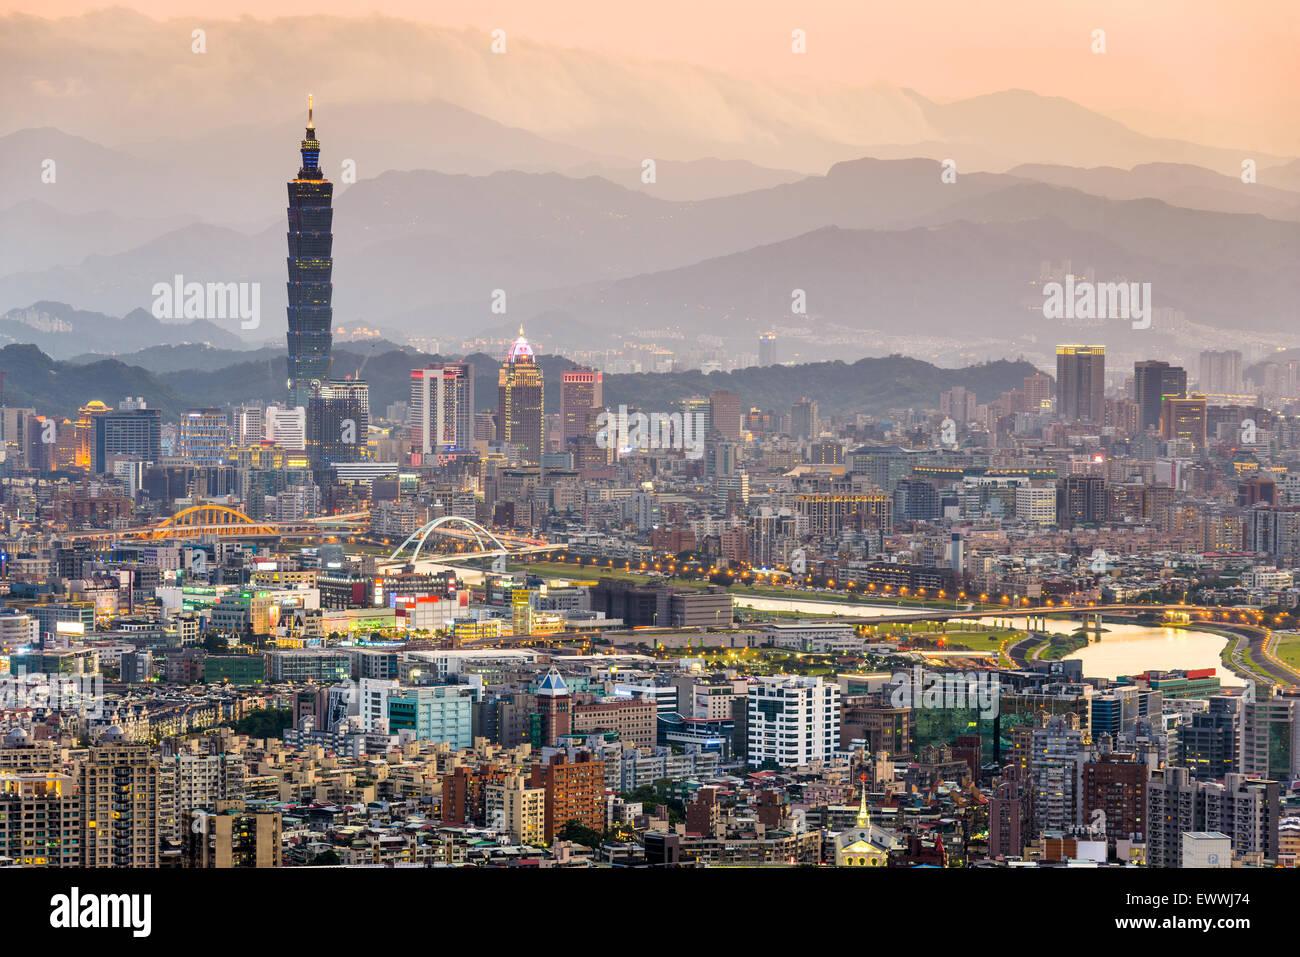 taipei-taiwan-city-skyline-EWWJ74.jpg